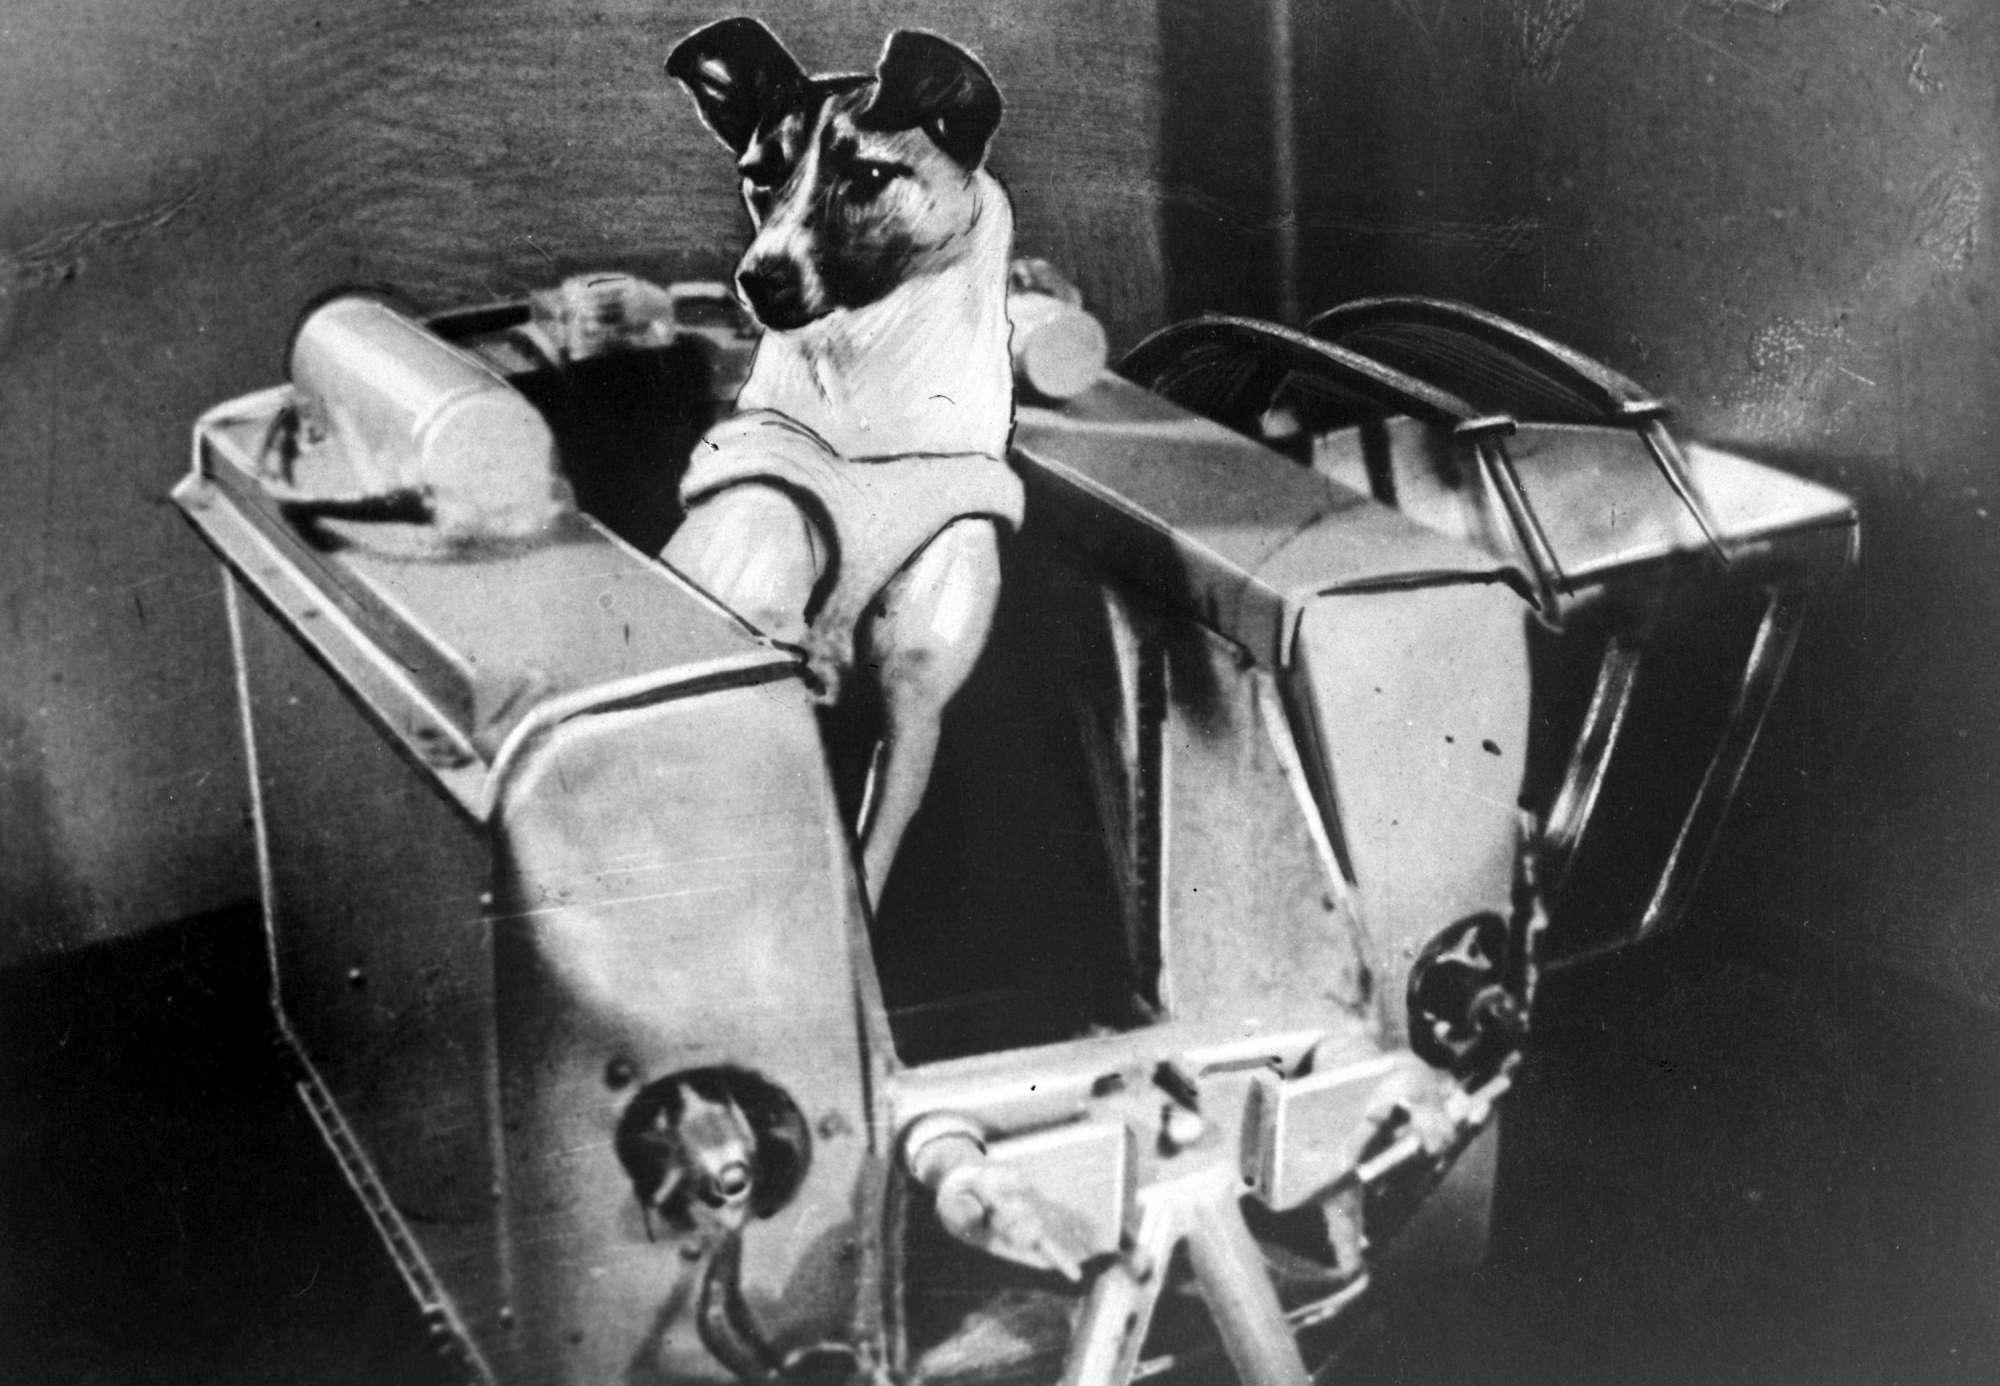 Spazio, 60 anni fa la cagnetta Laika veniva lanciata in orbita